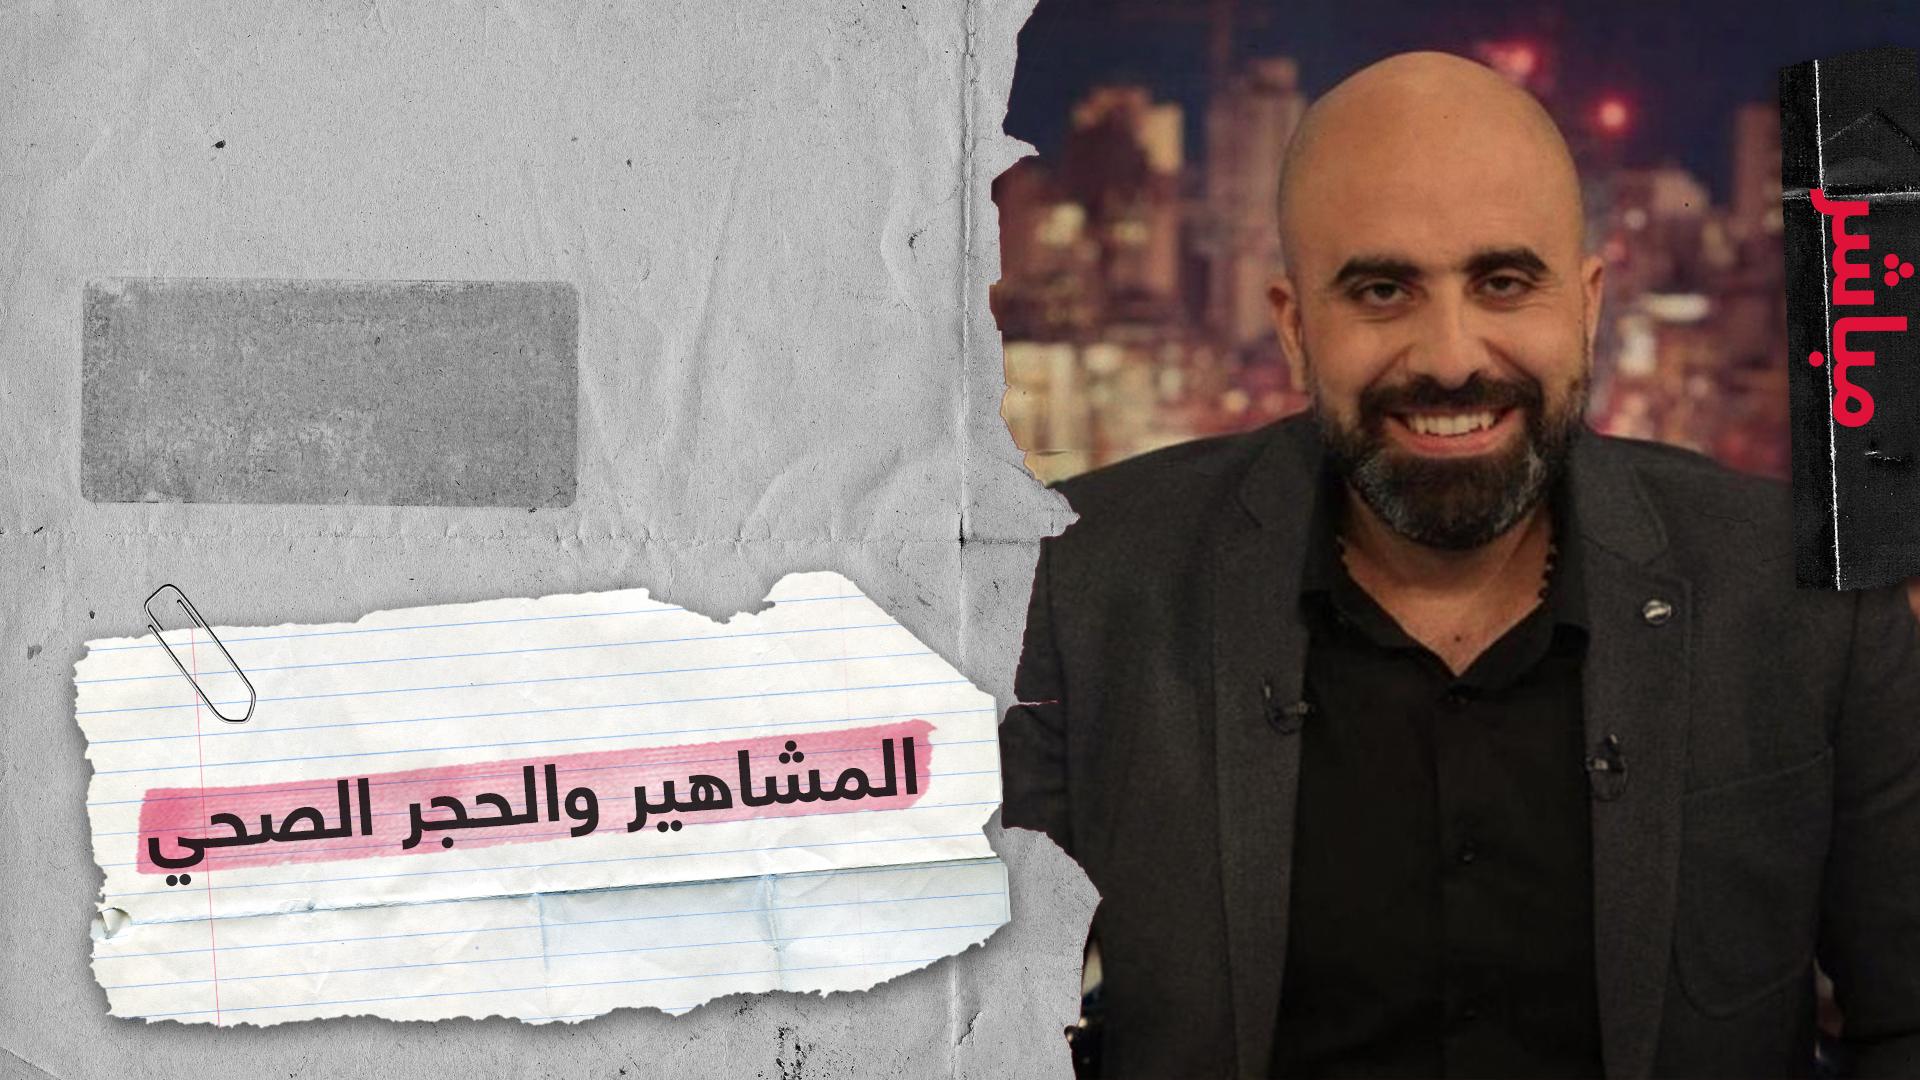 طرائف المشاهير في الحجر المنزلي نناقشها مع الإعلامي اللبناني هشام حداد